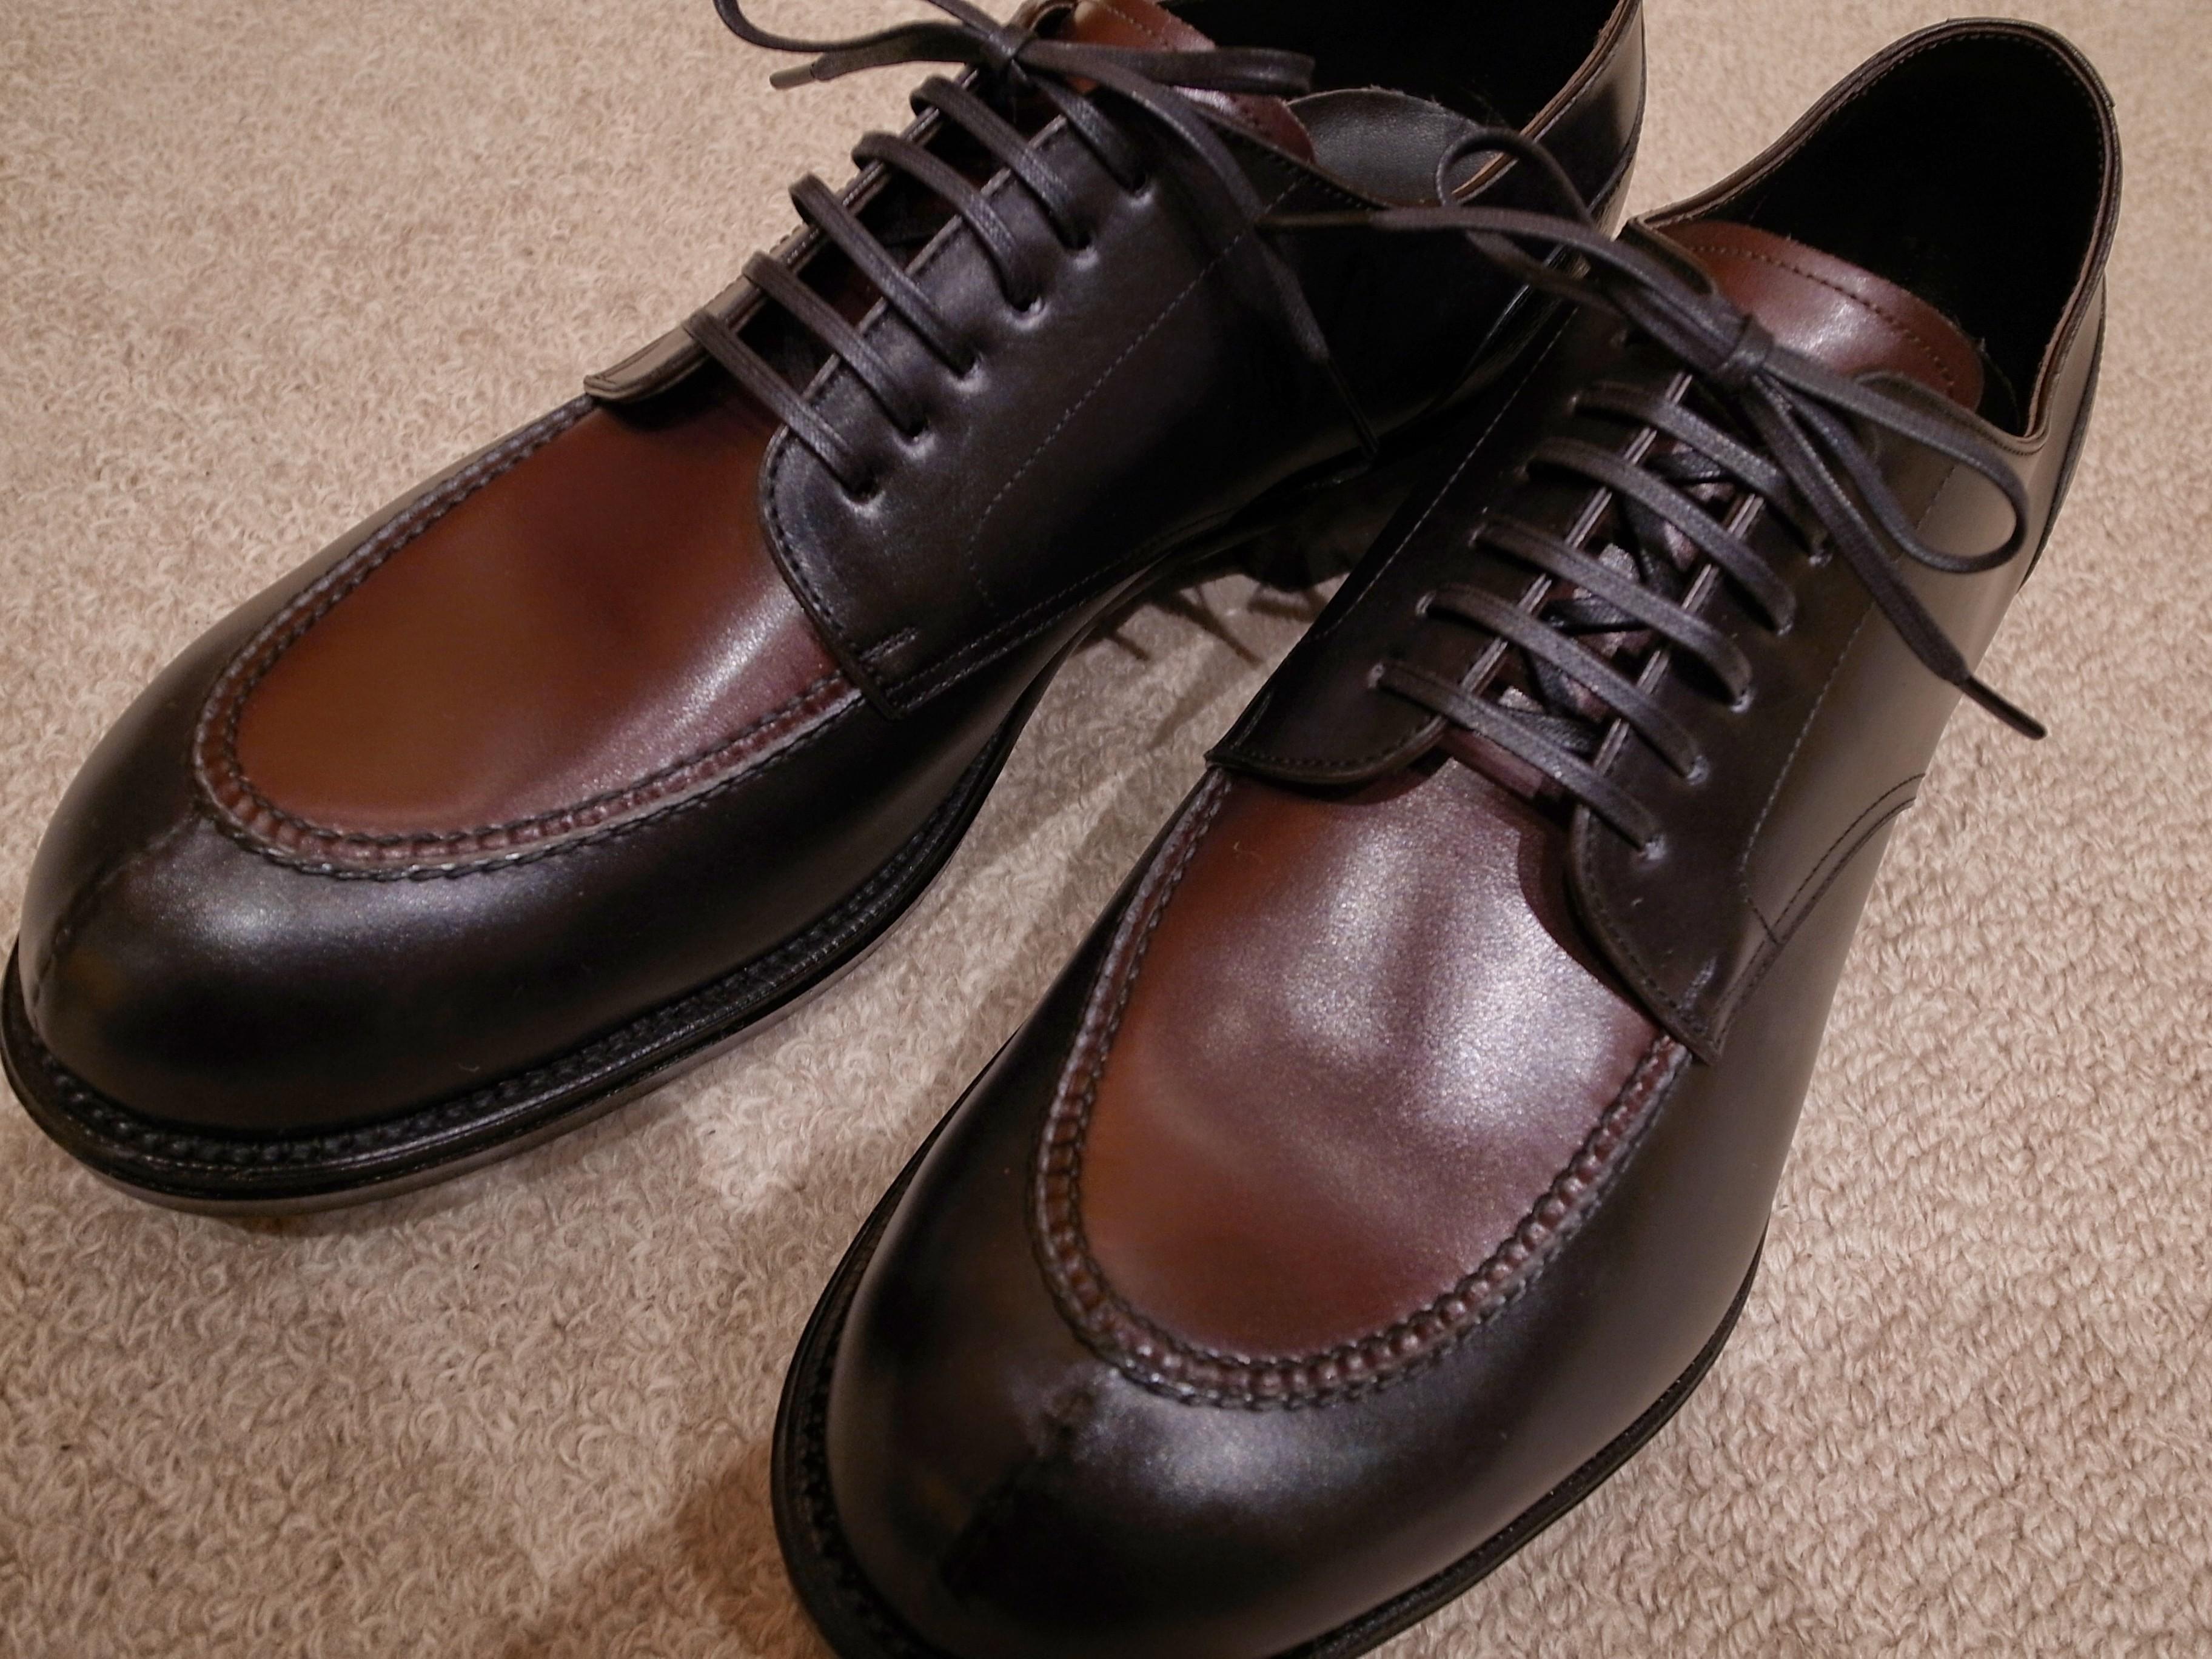 [0754-201504] 宮城興業 和創良靴3足目はUチップ。一足ごとに広がっていく可能性を感じます。